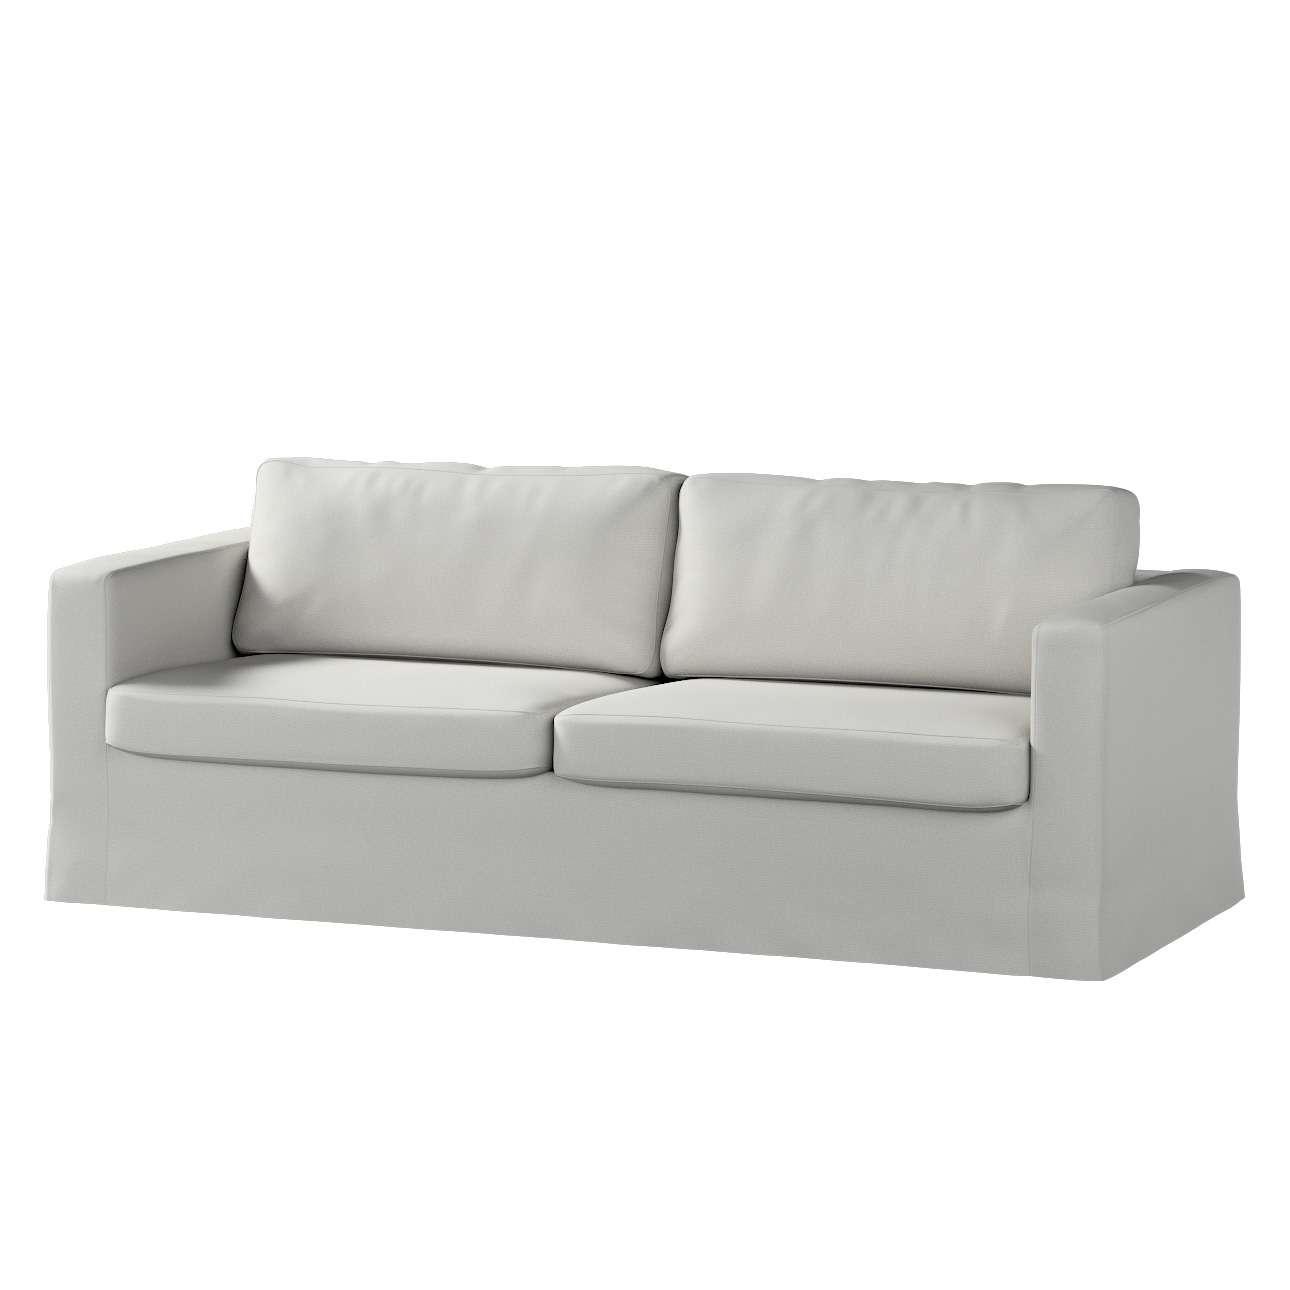 Karlstad 3-Sitzer Sofabezug nicht ausklappbar lang Sofahusse, Karlstad 3-Sitzer von der Kollektion Etna, Stoff: 705-90